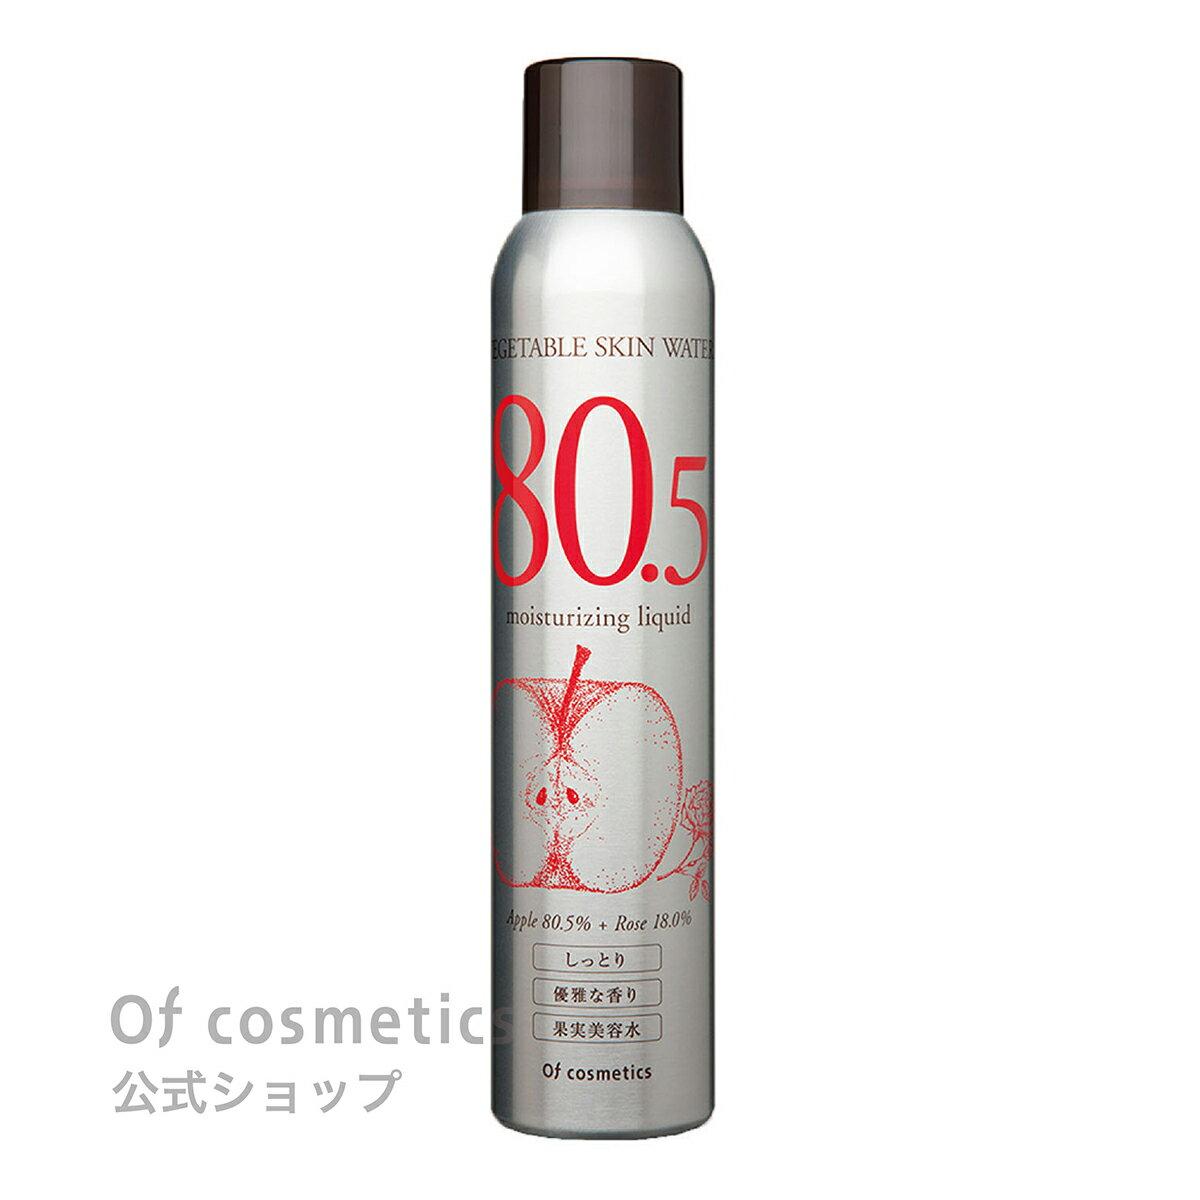 オブコスメティックスベジタブルウォーター・A80.5 / 本体 / 230g / アップル&ローズの香り